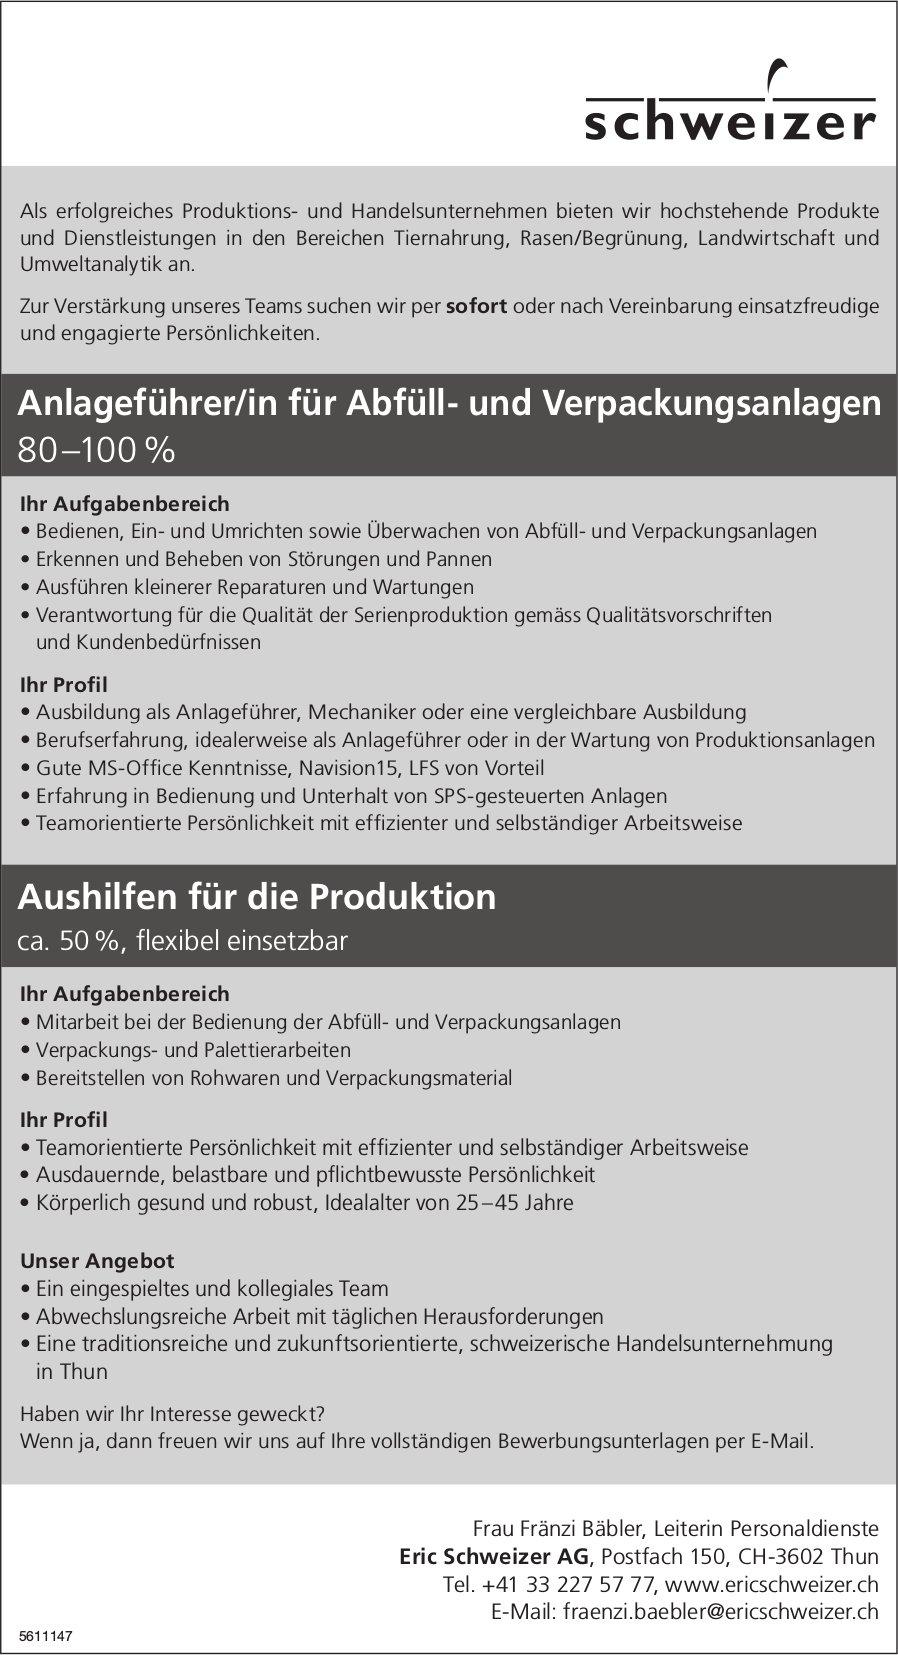 Anlageführer/in sowie Aushilfen für die Produktion bei Eric Schweizer AG gesucht